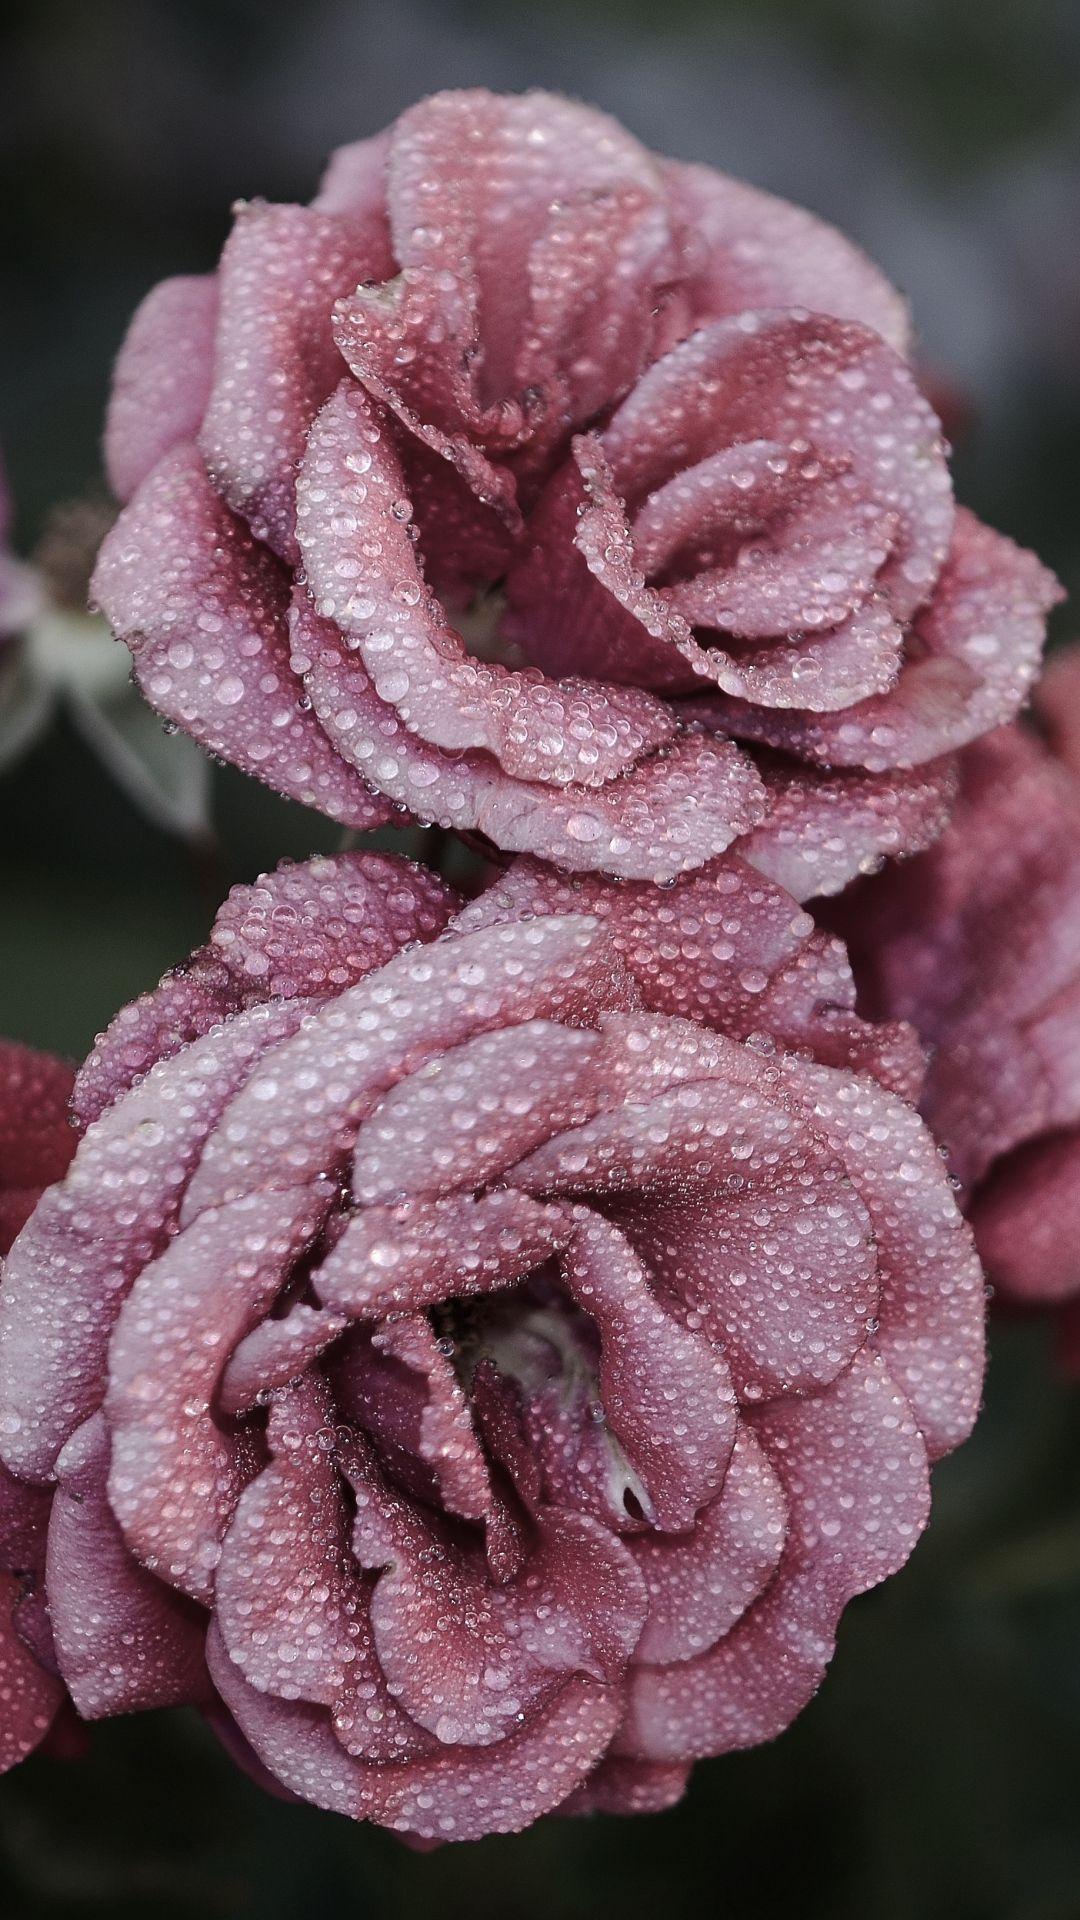 Roses Petals Drops Frost iPhone 6 plus wallpaper